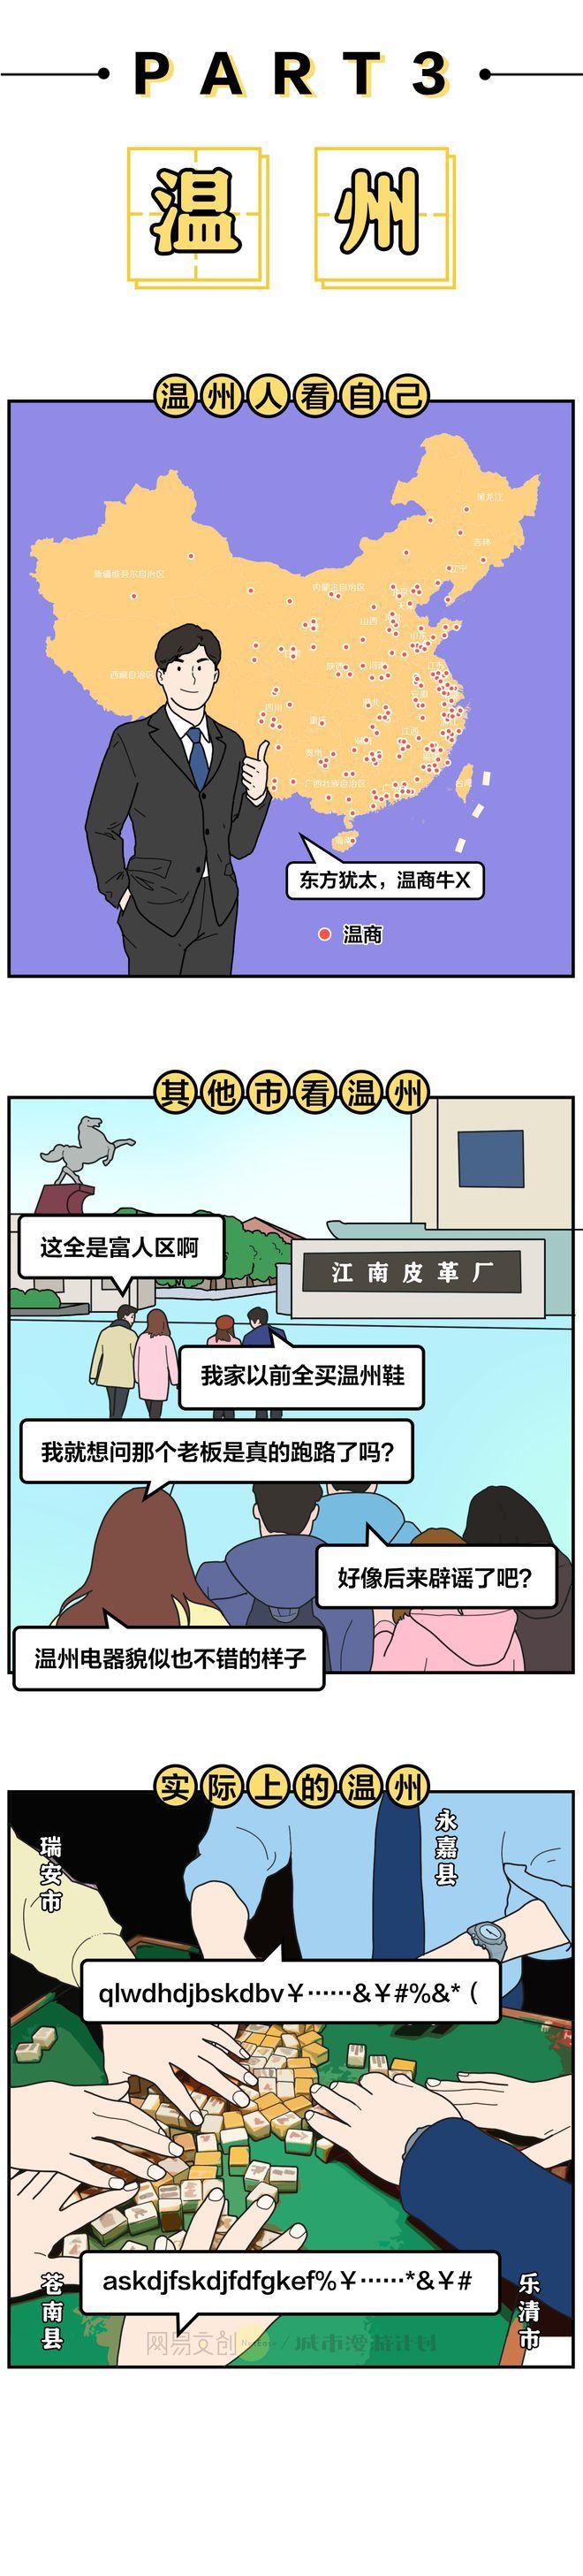 浙江各市有多散装,震惊隔壁江苏